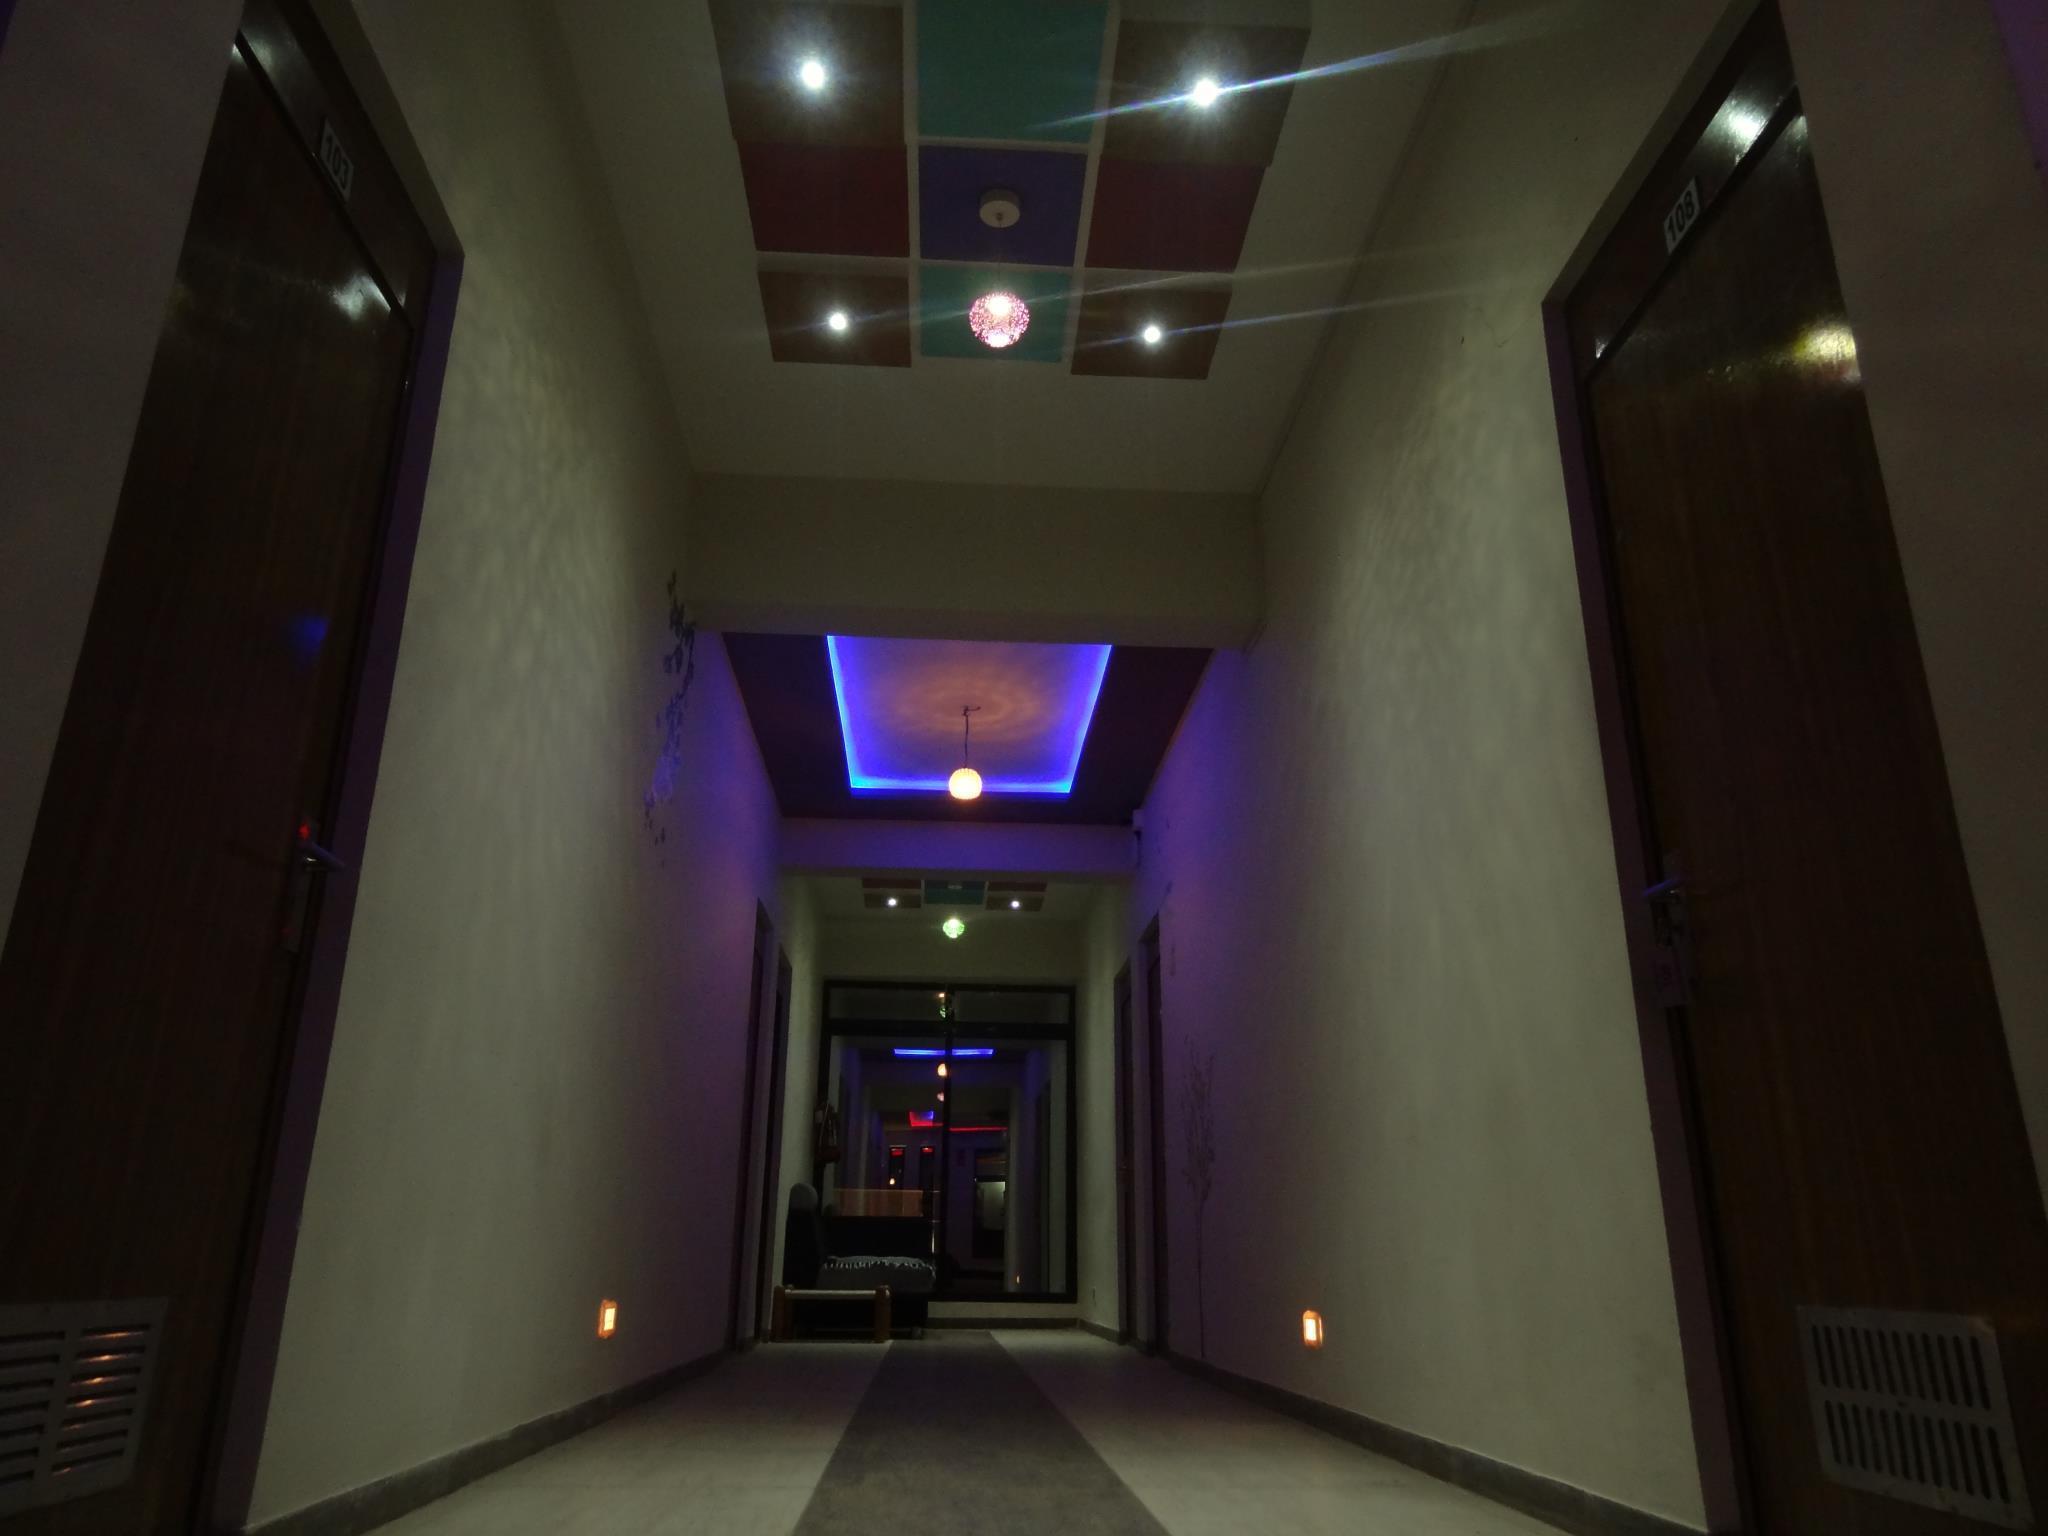 hotel Siddharth inn, Gandhinagar